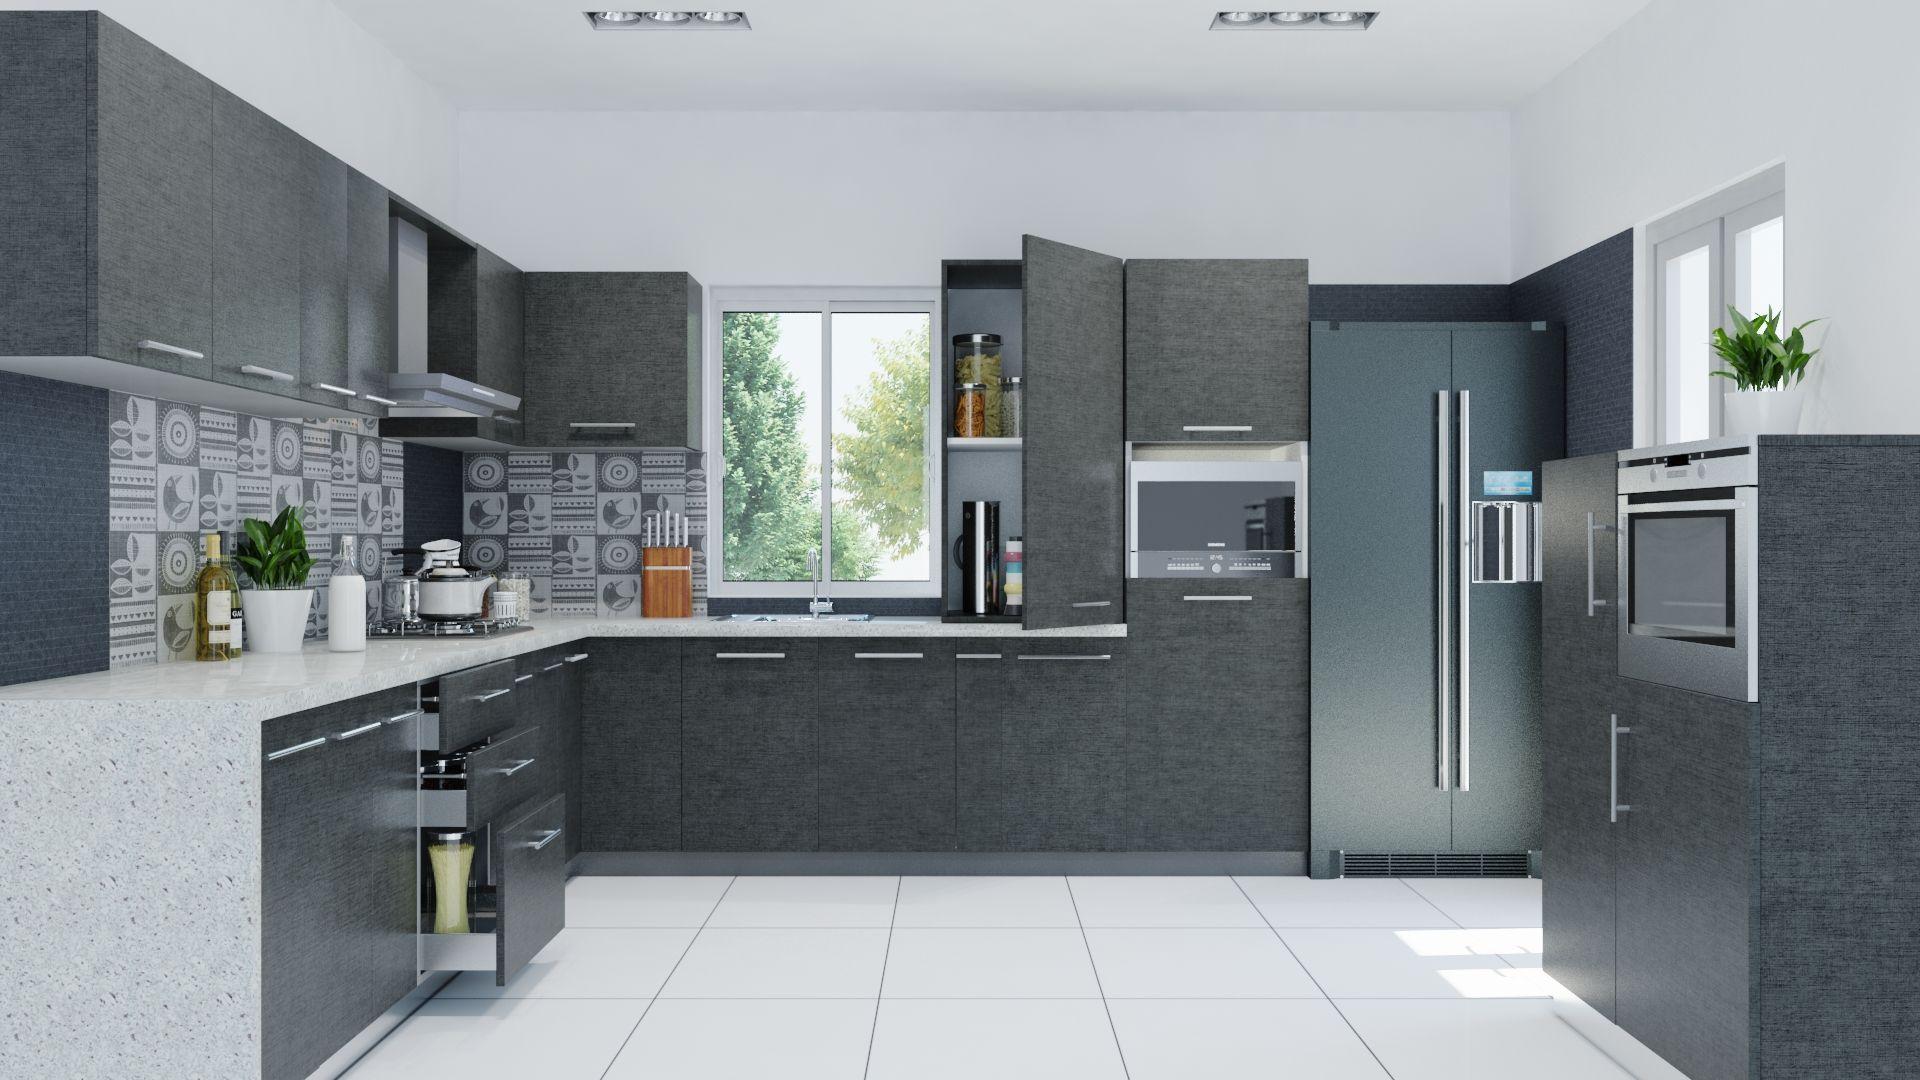 Atemberaubende Ultra Moderne Küche Design   Jetzt reden wir über ...